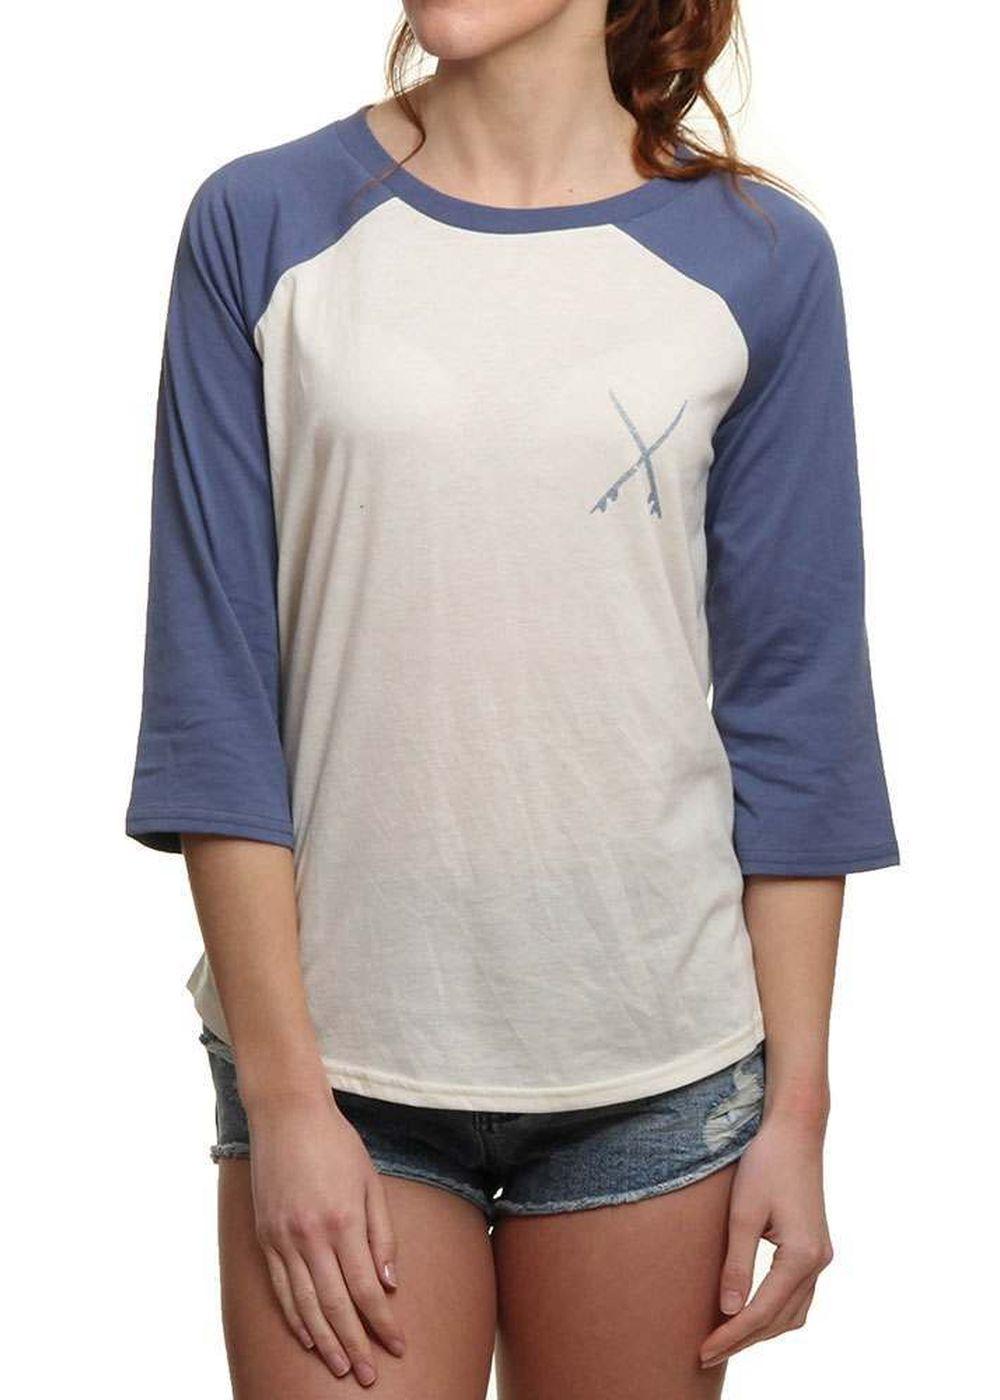 billabong-contrast-long-sleeve-top-blue-jay